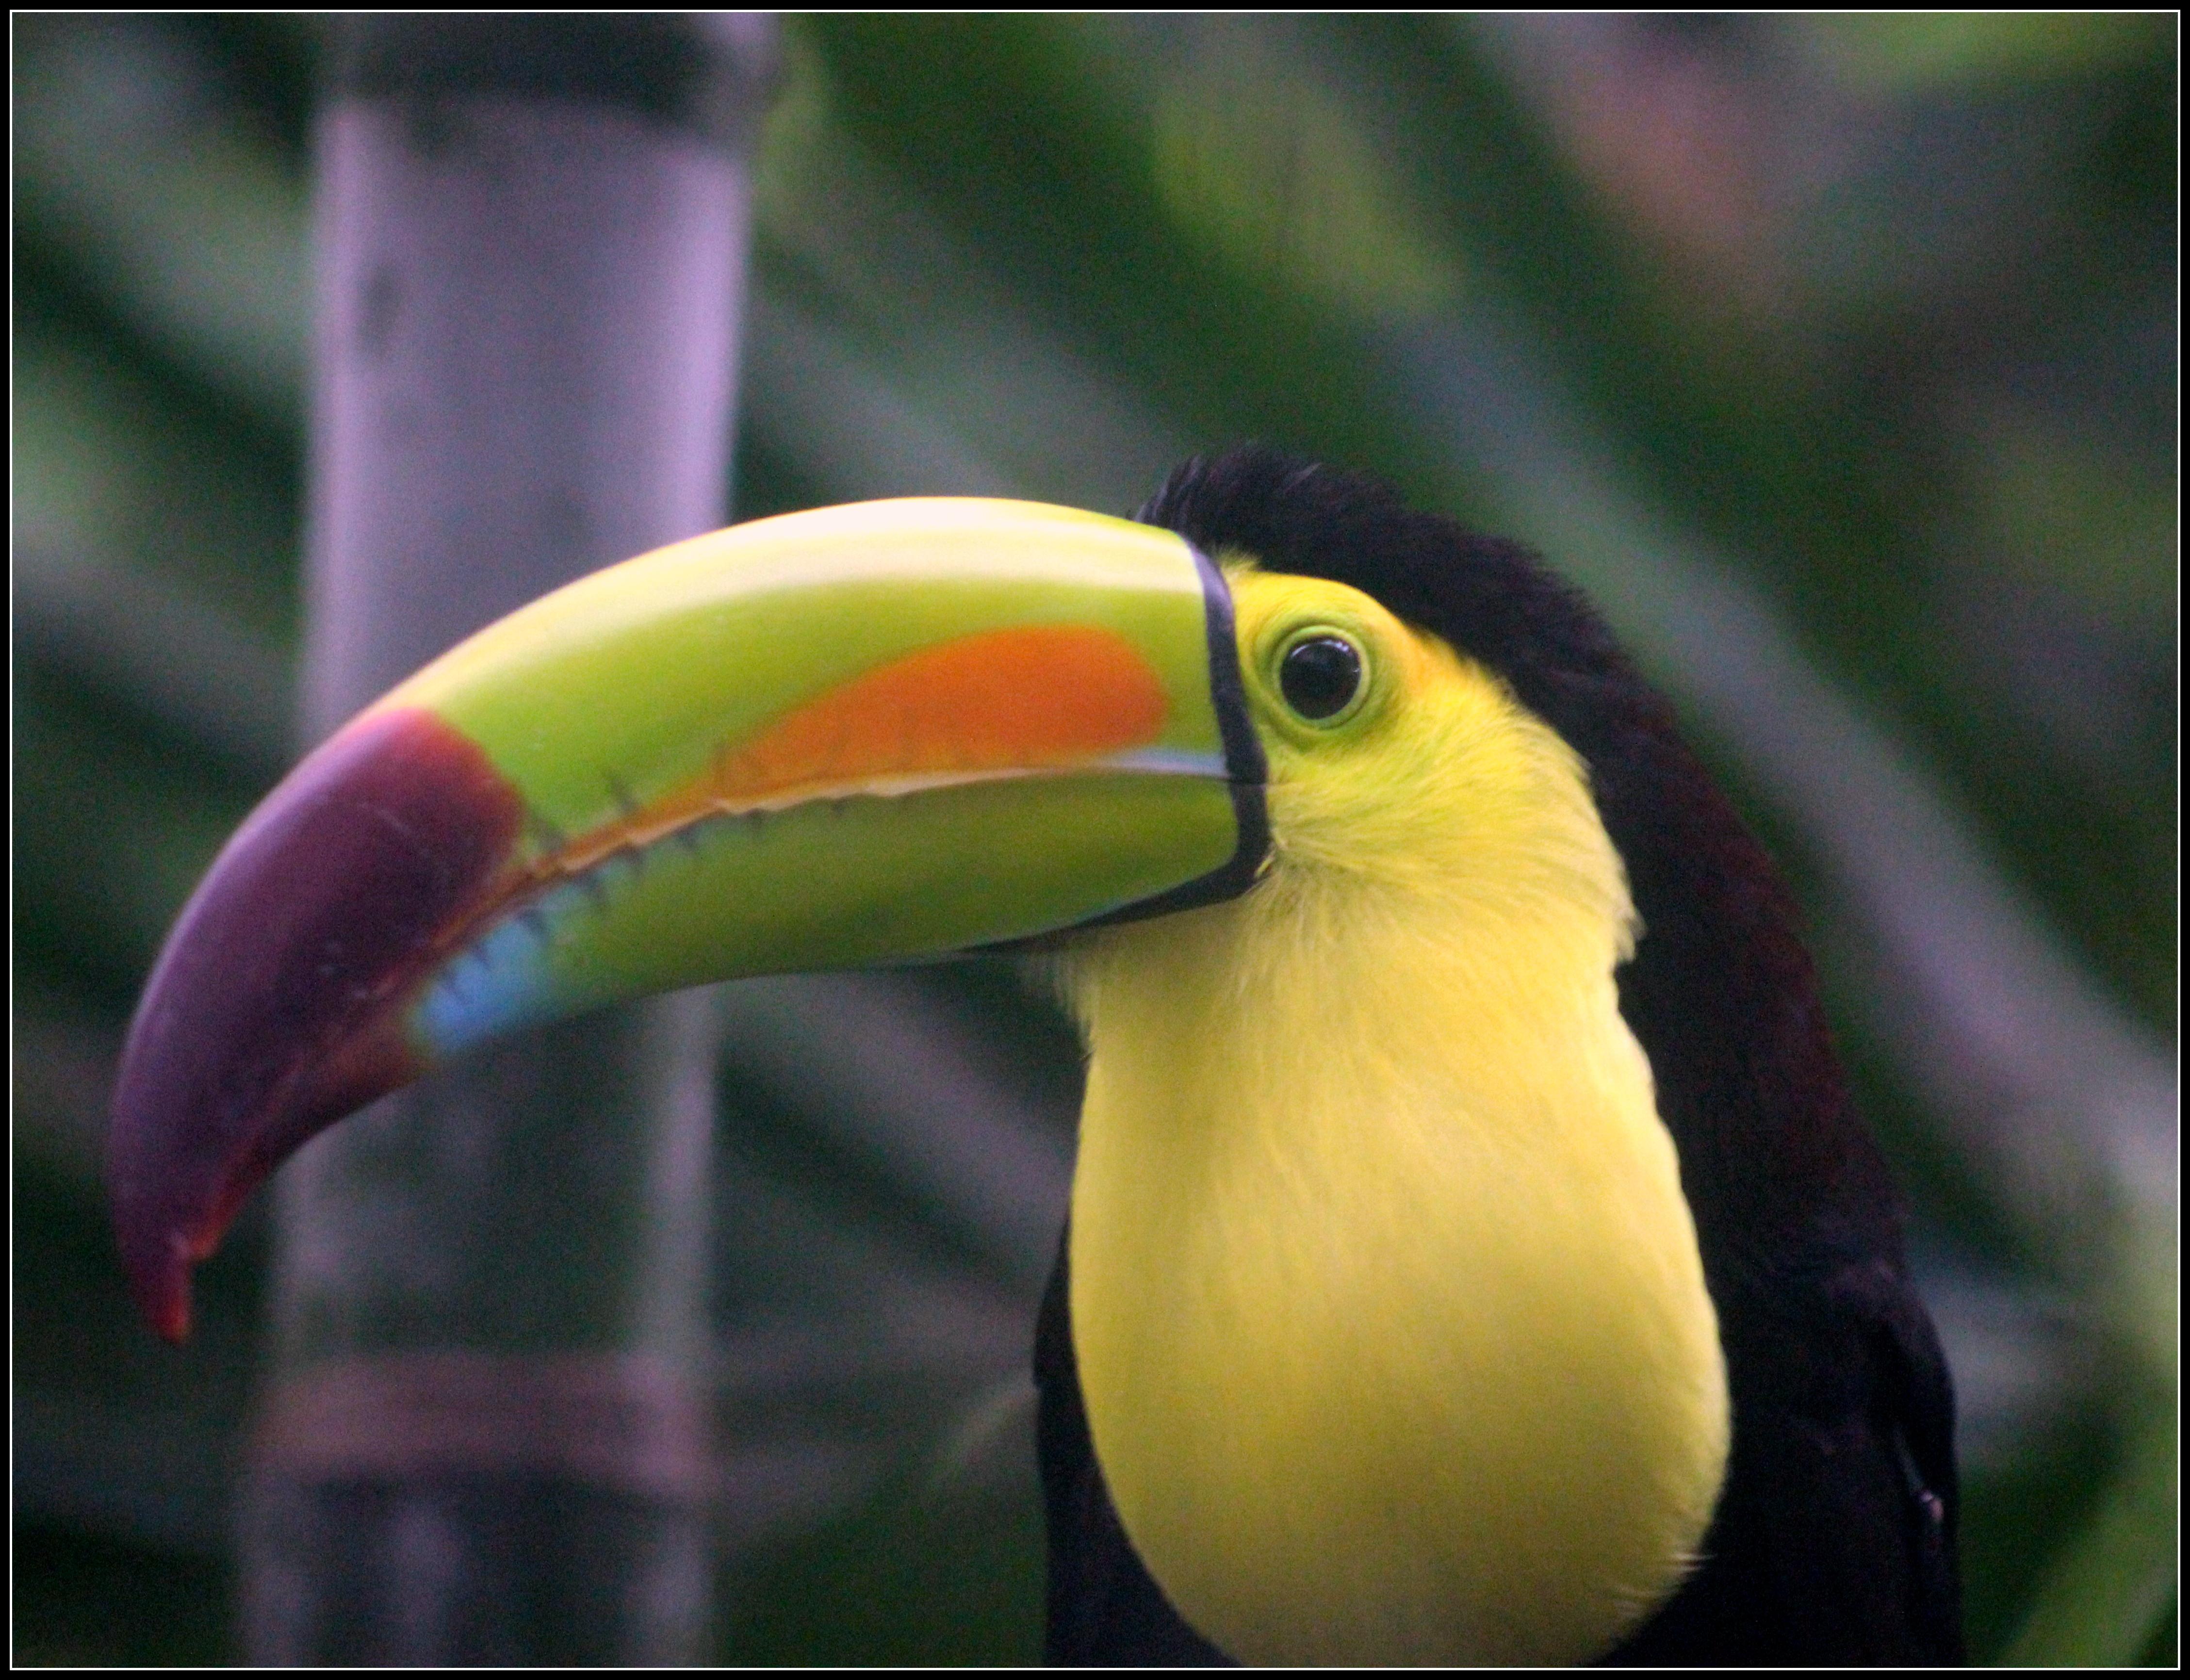 File:Keel-billed Toucan (7422585356).jpg - Wikimedia Commons